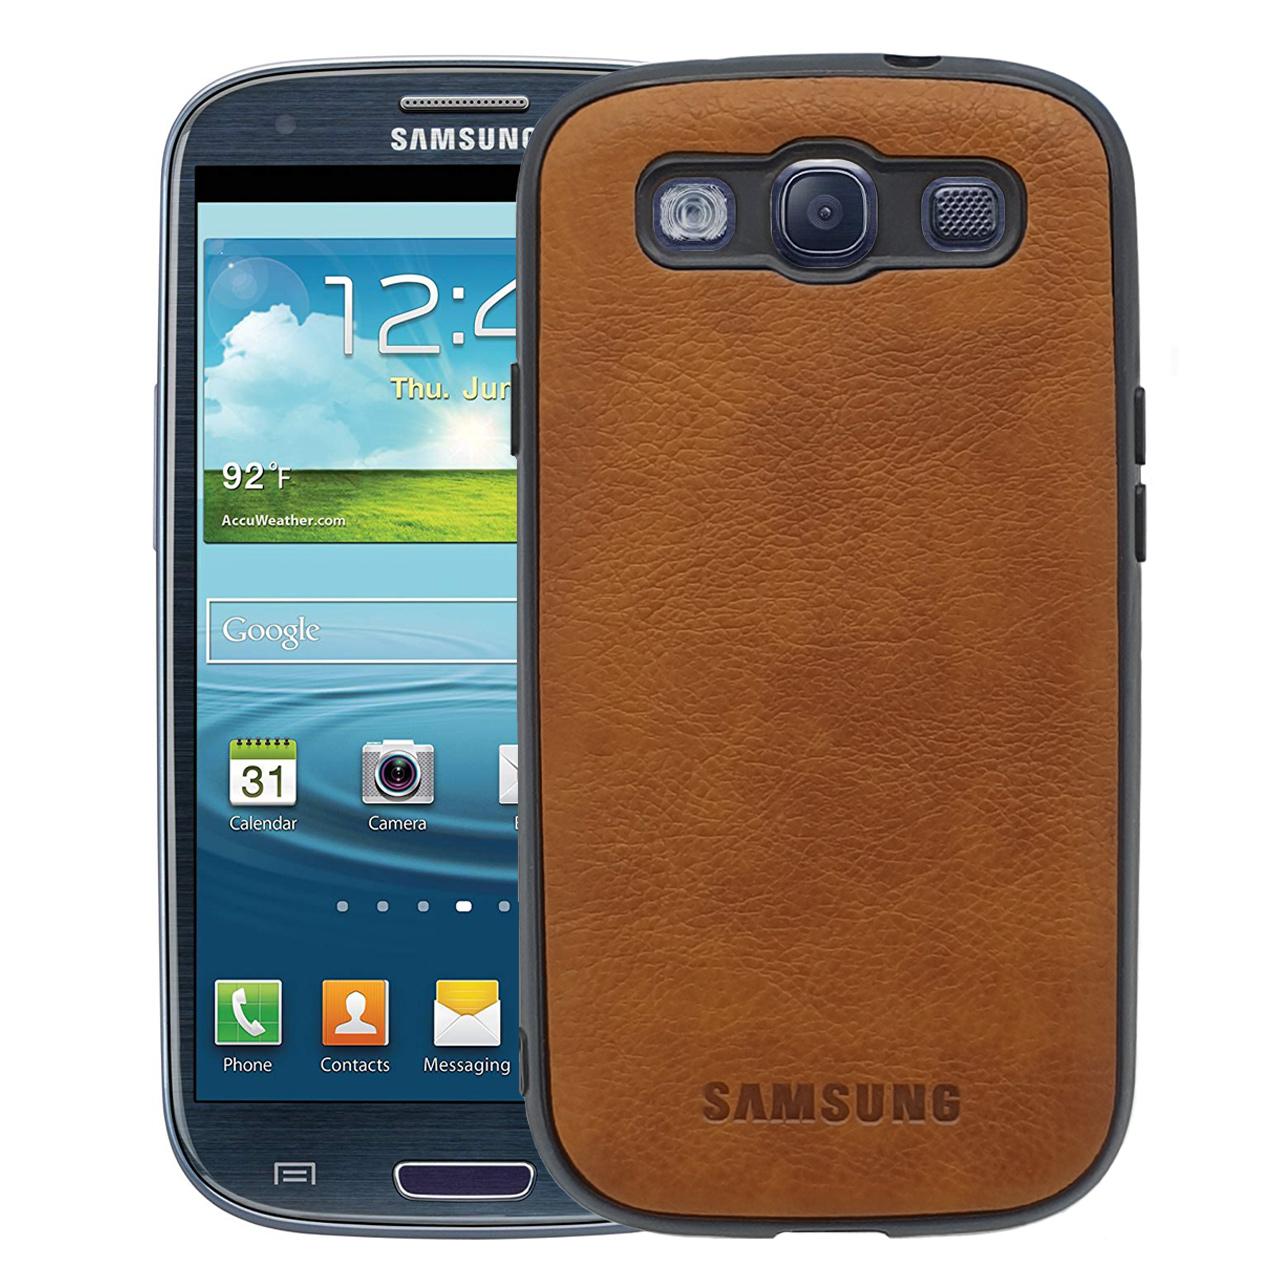 کاور دکین مدل SA-L1 مناسب برای گوشی موبایل سامسونگ Galaxy S3